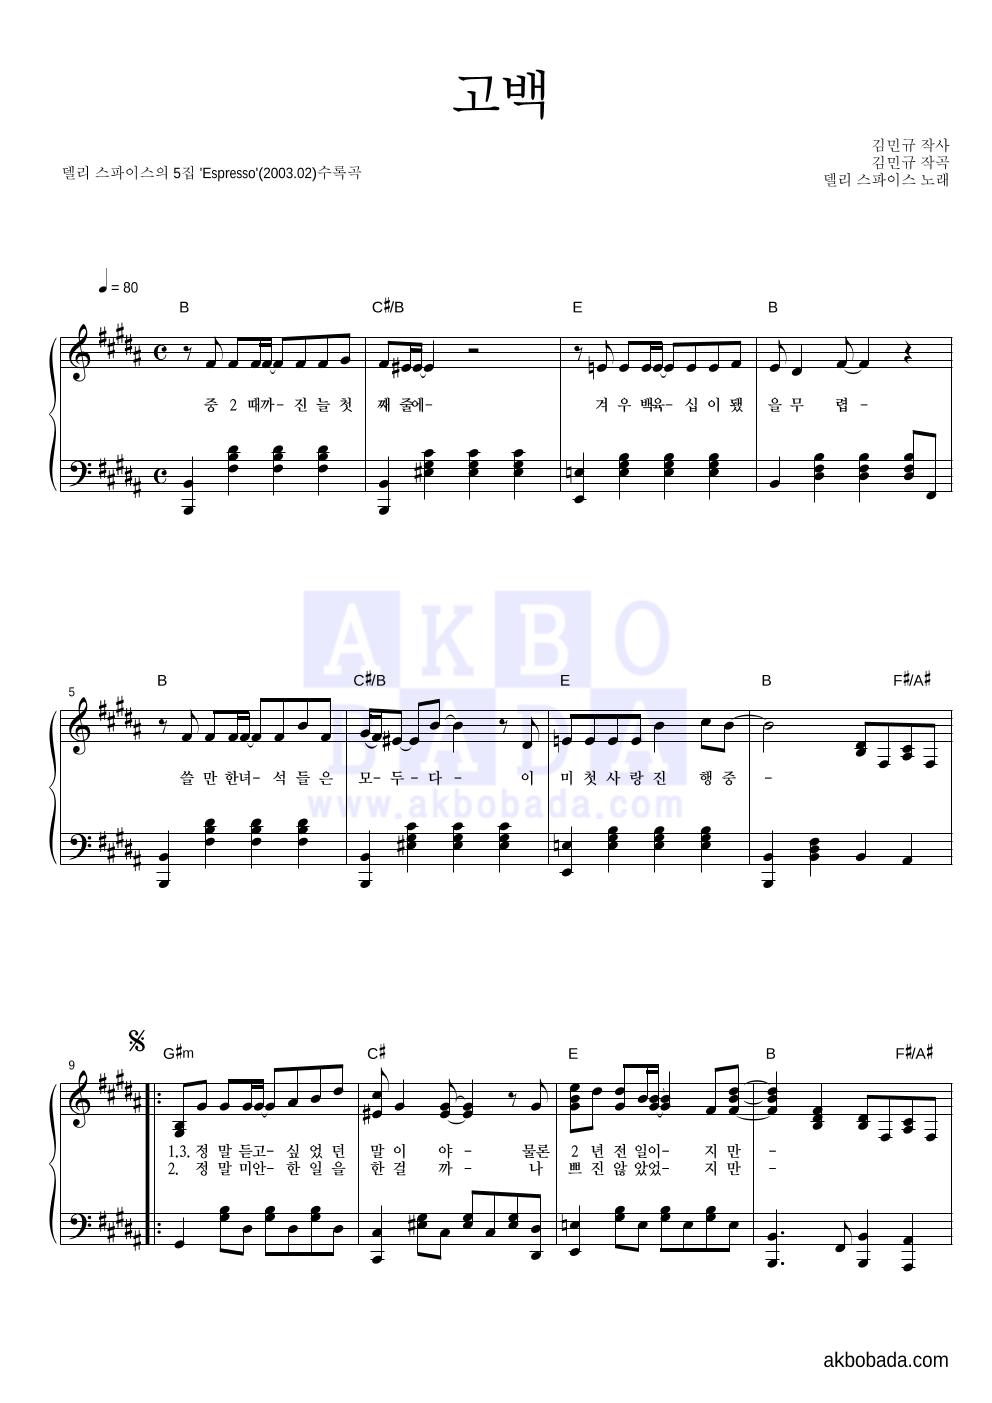 델리 스파이스 - 고백 피아노 2단 악보